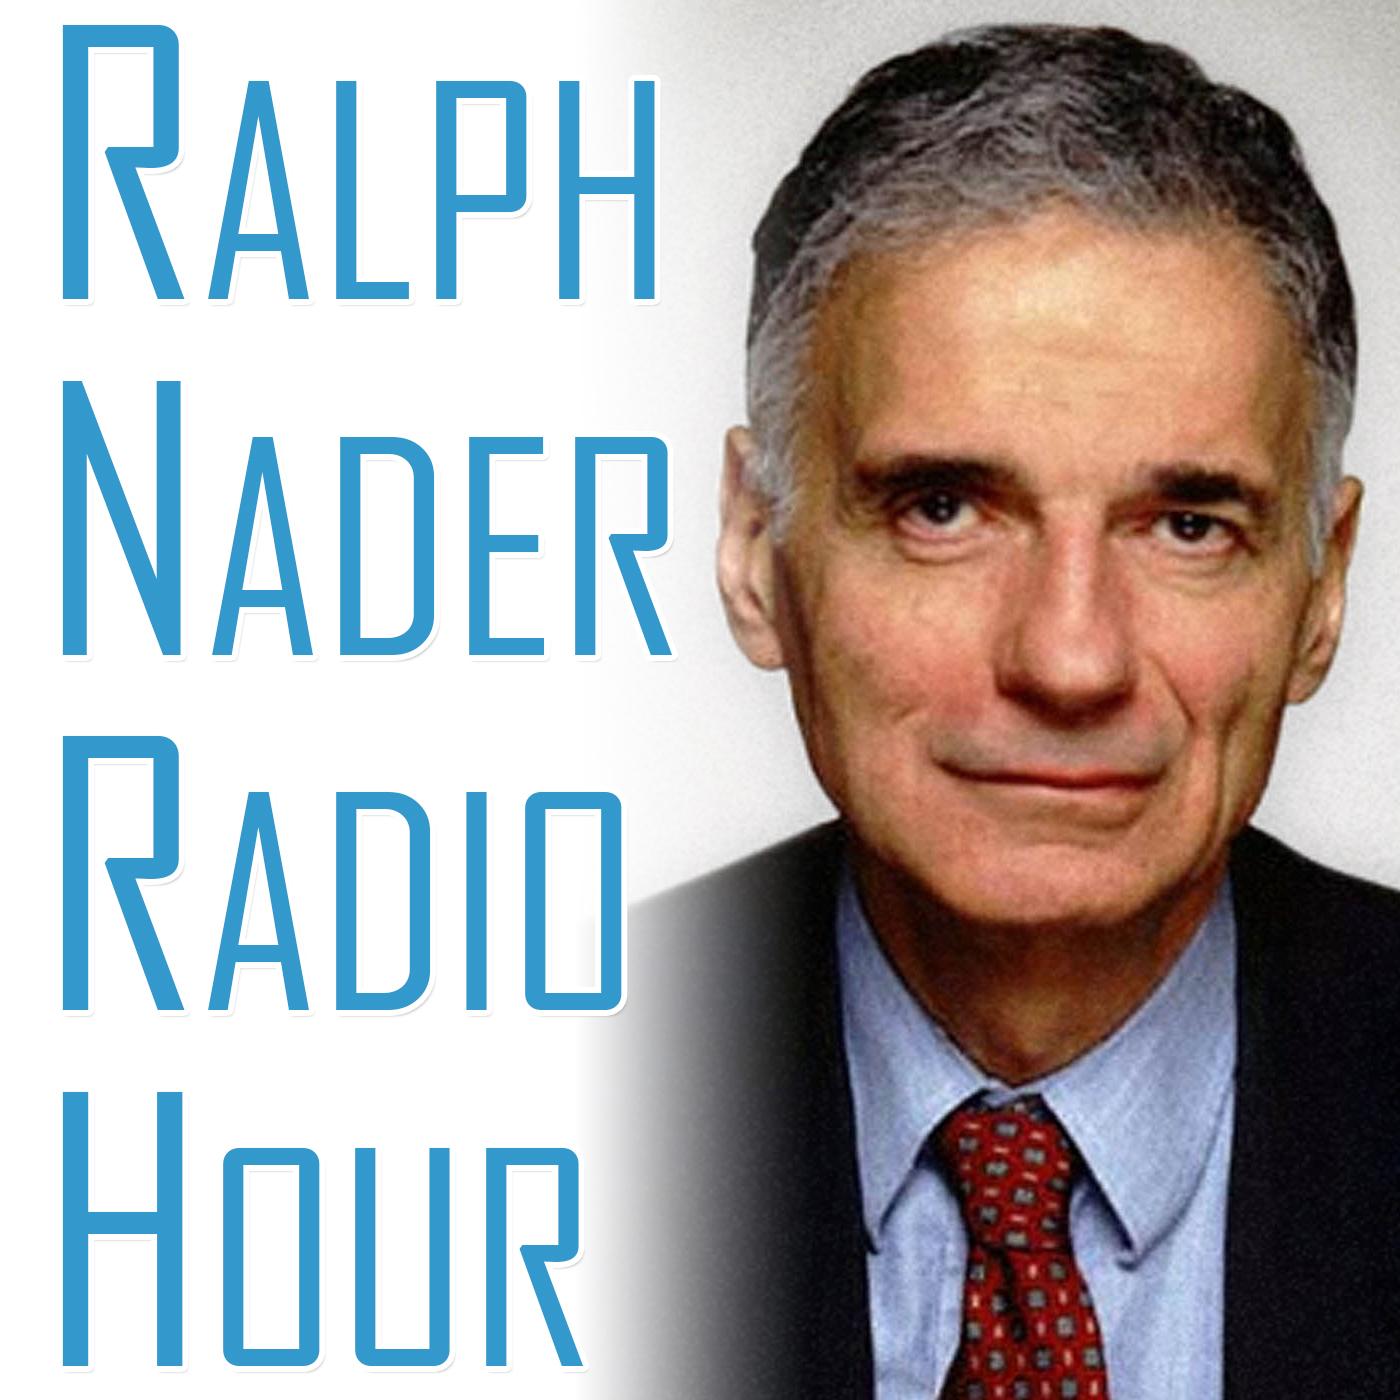 Ralph Nader Radio Hour show art